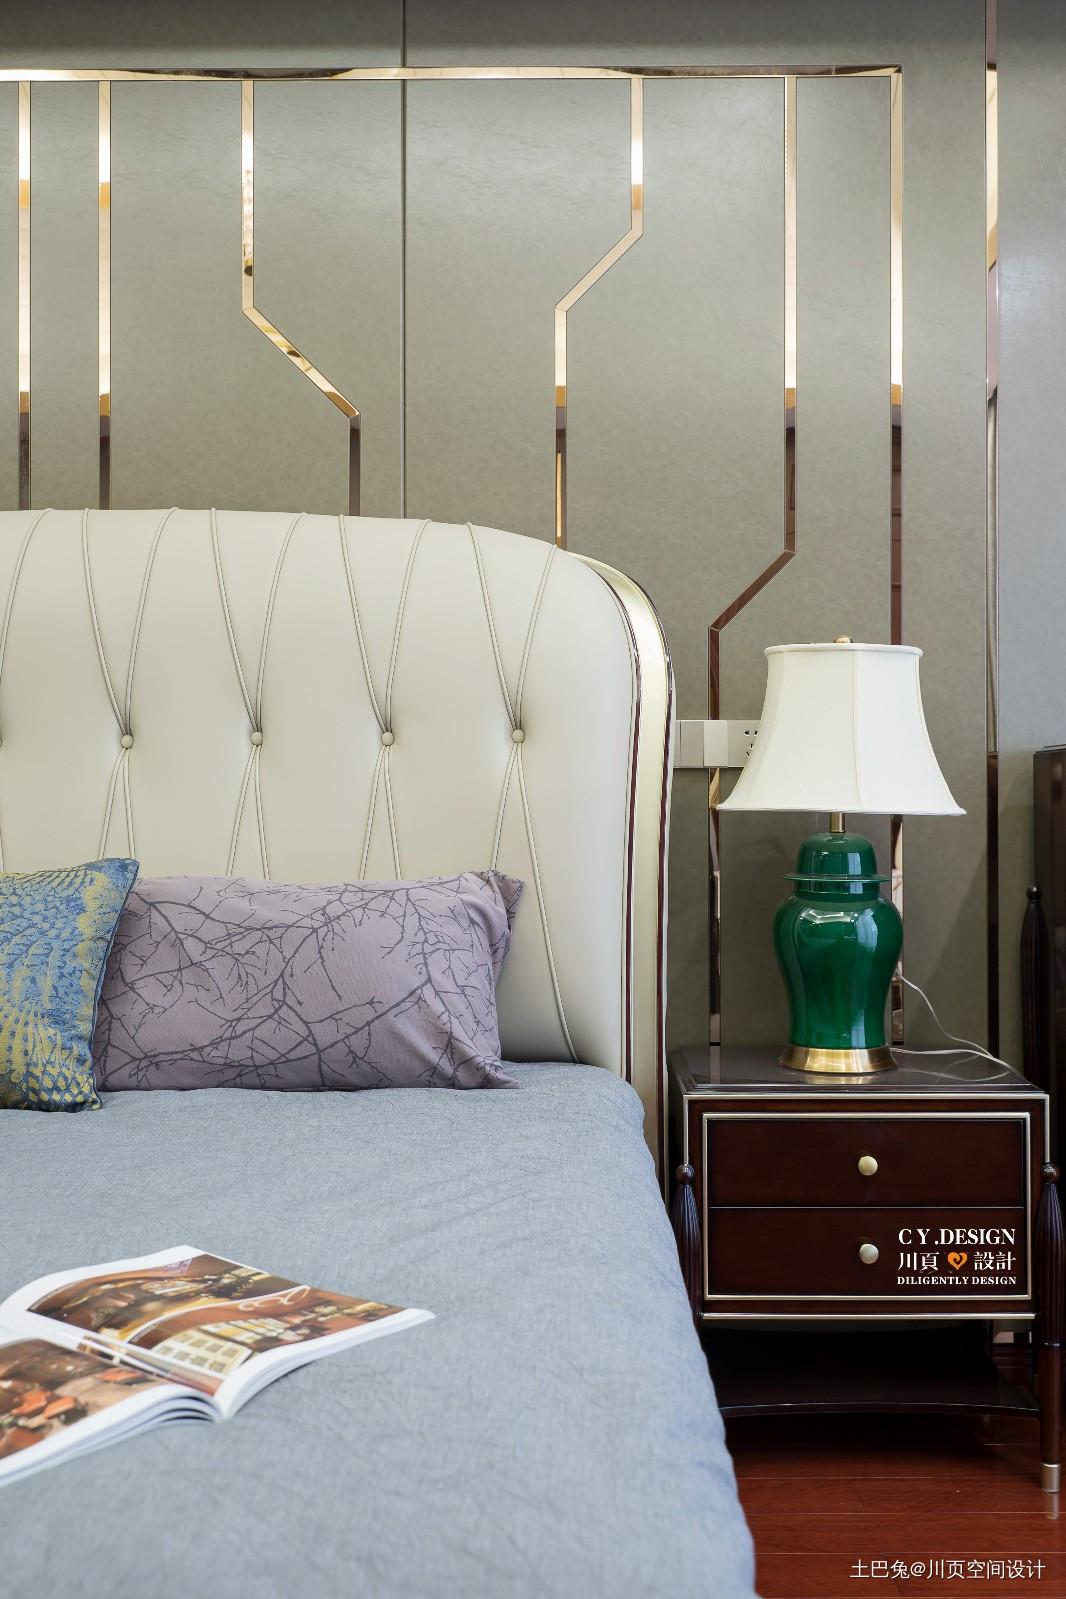 一套房子三种格调中式别墅为爱融合!设计图片赏析